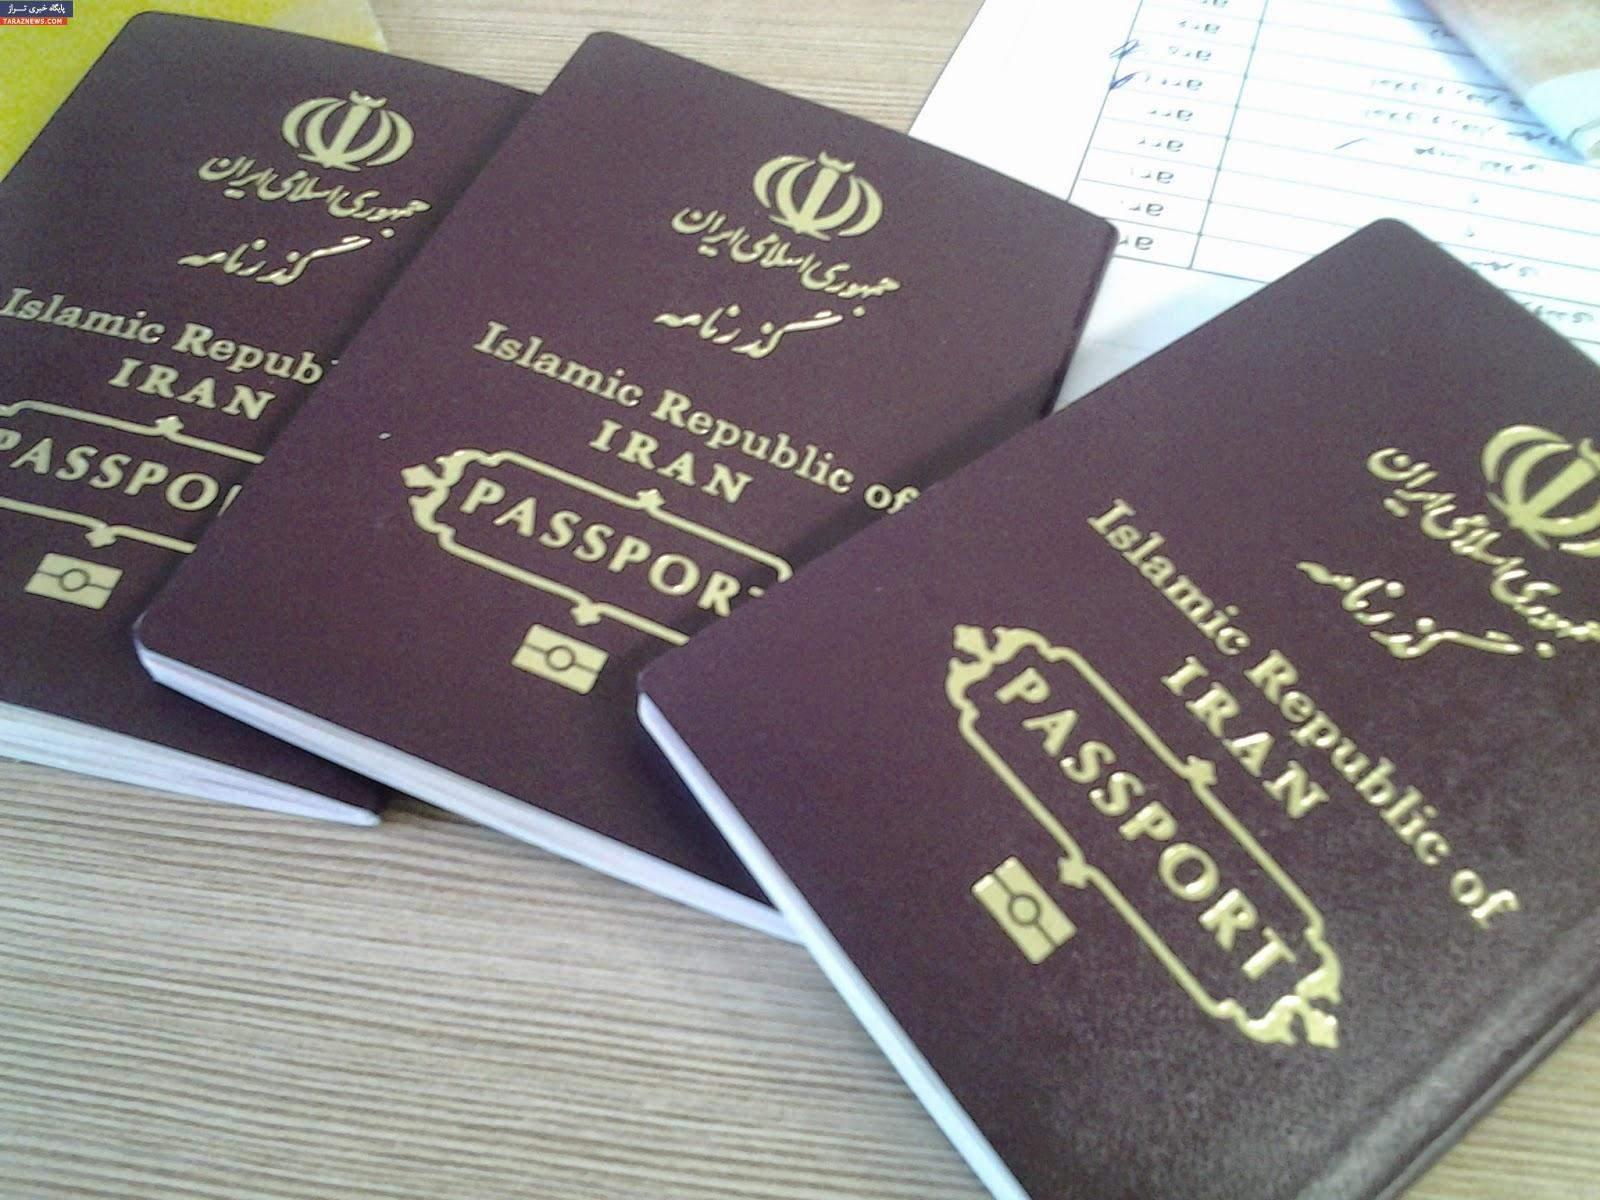 گذرنامه,اخبار سیاسی,خبرهای سیاسی,مجلس